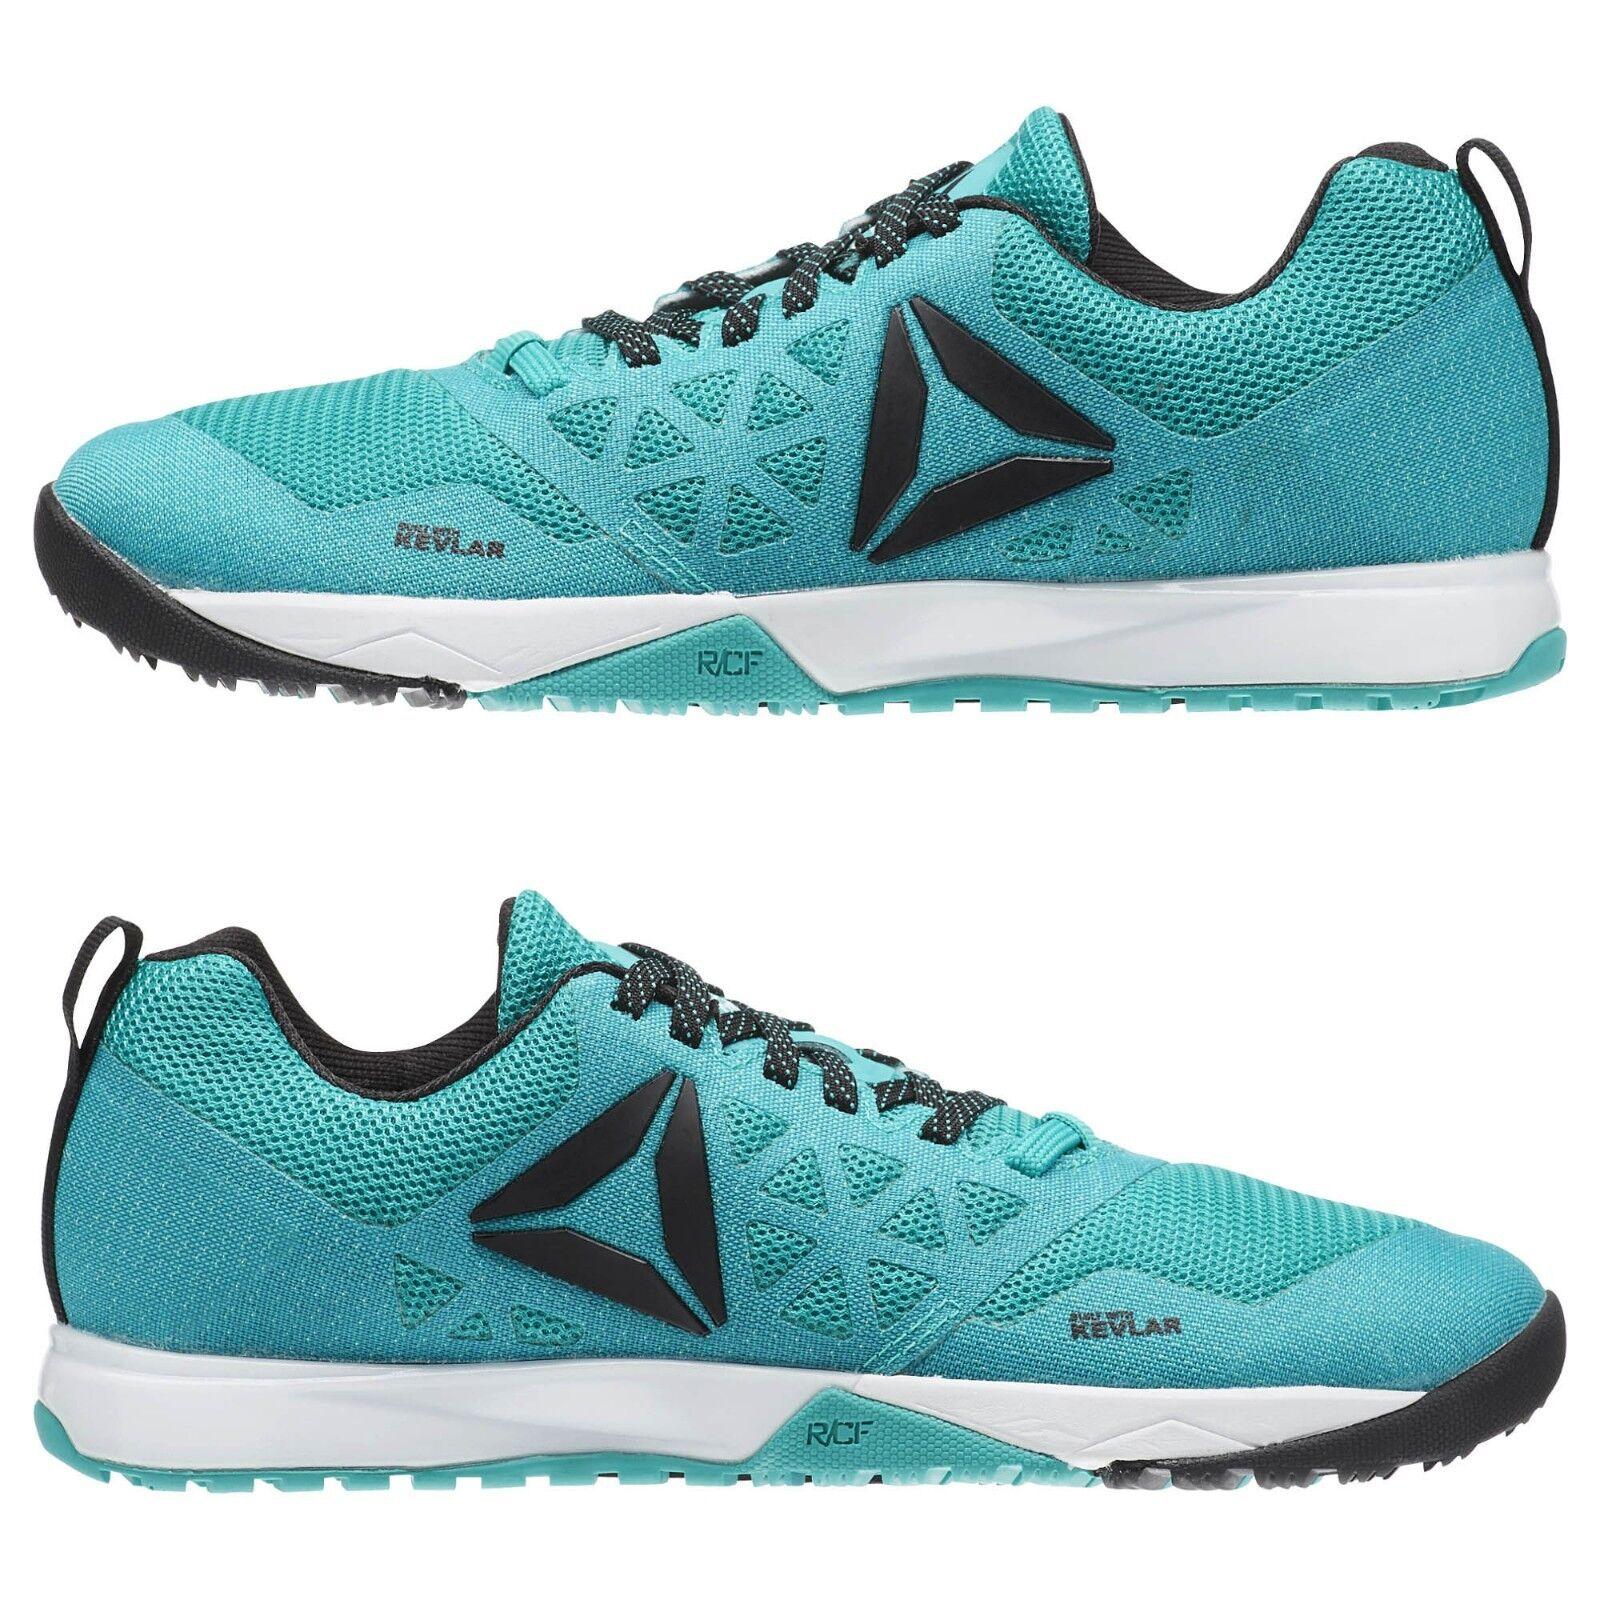 REEBOK CROSSFIT NANO 6.0 BD1330 Gimnasio Zapatillas Zapatos Tenis ()